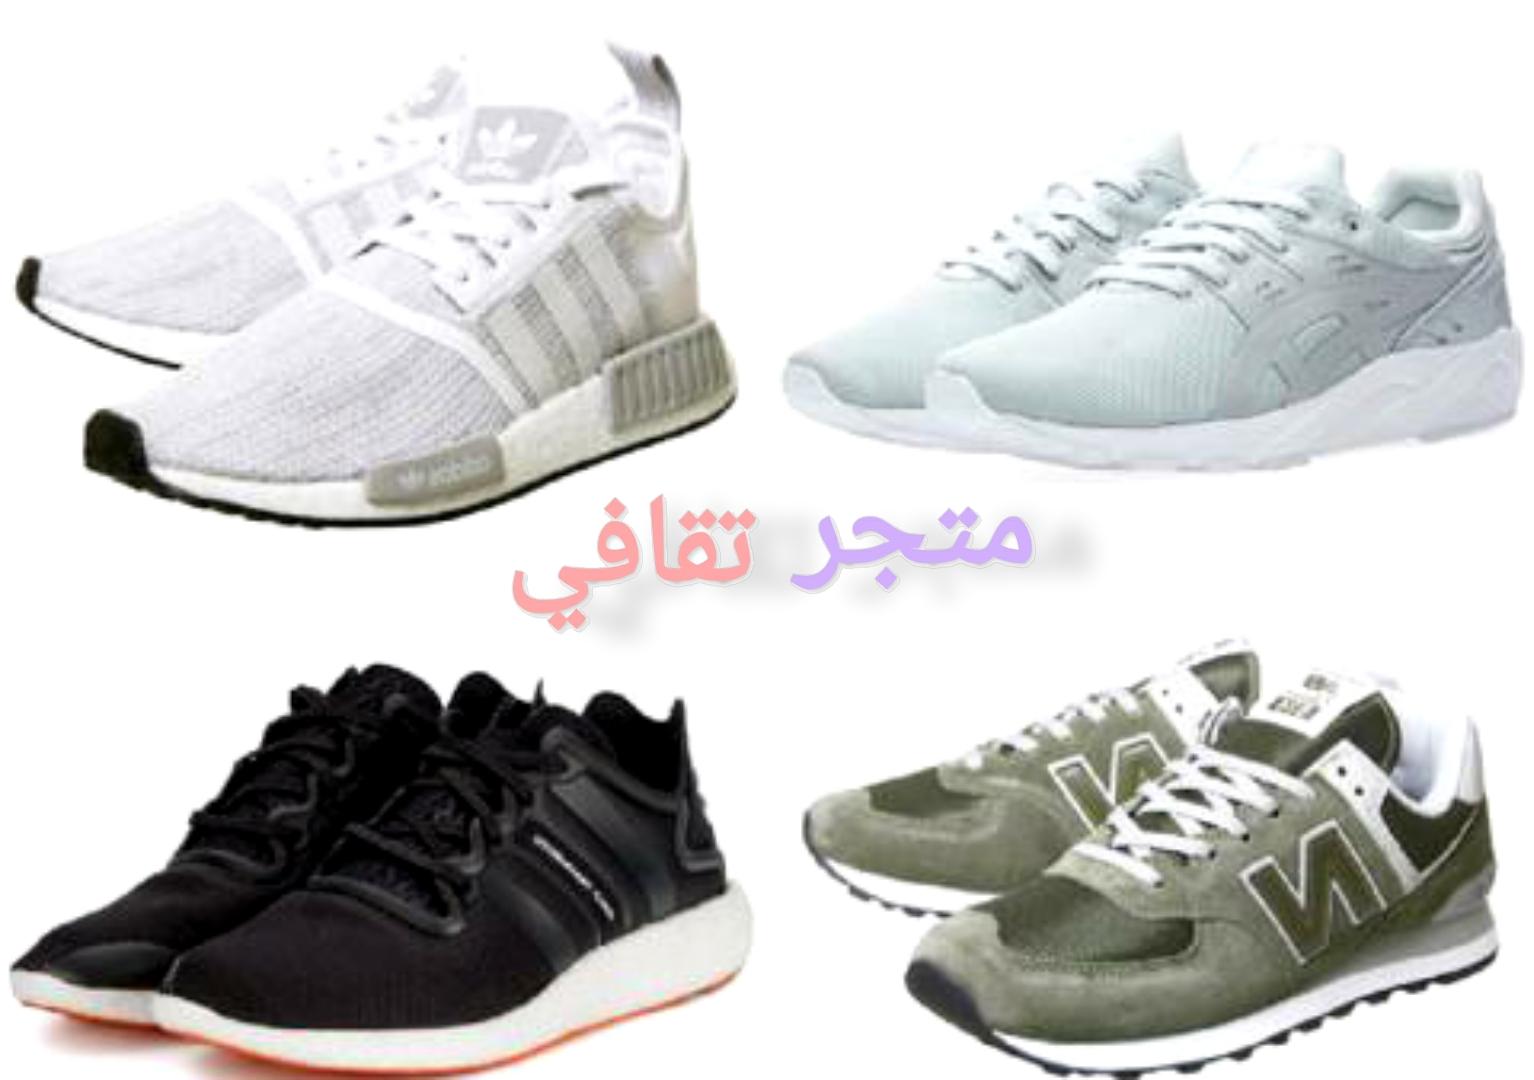 نصائح حول العثور على الأحذية المناسبة لممارسة الرياضة